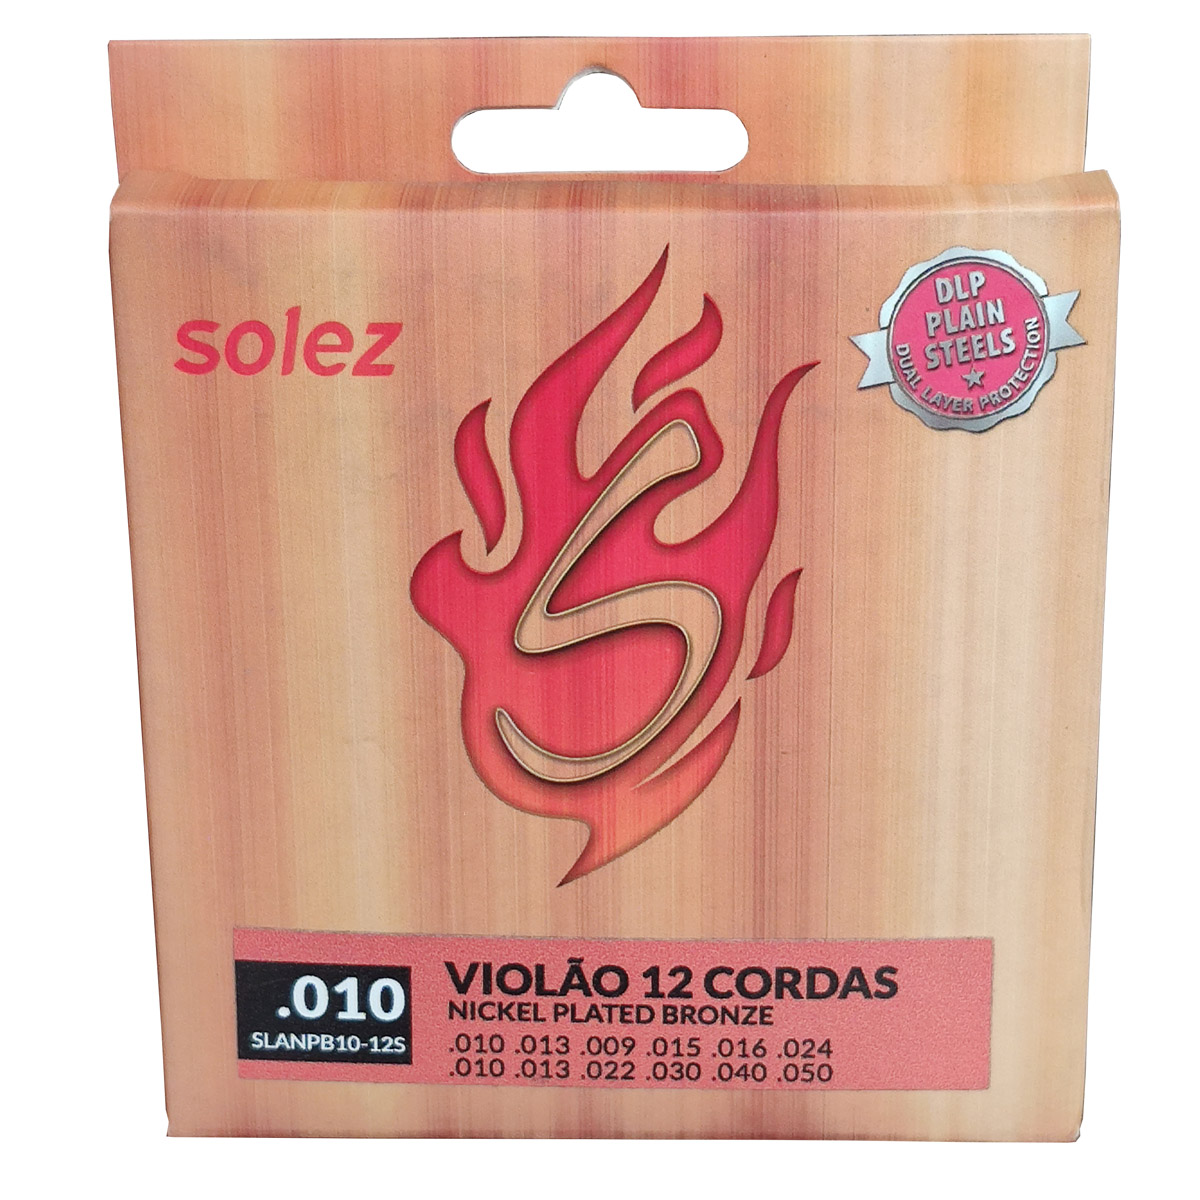 Jogo de Cordas p/ Violão 12 Cordas 010 - Solez  - RS Som e Luz!